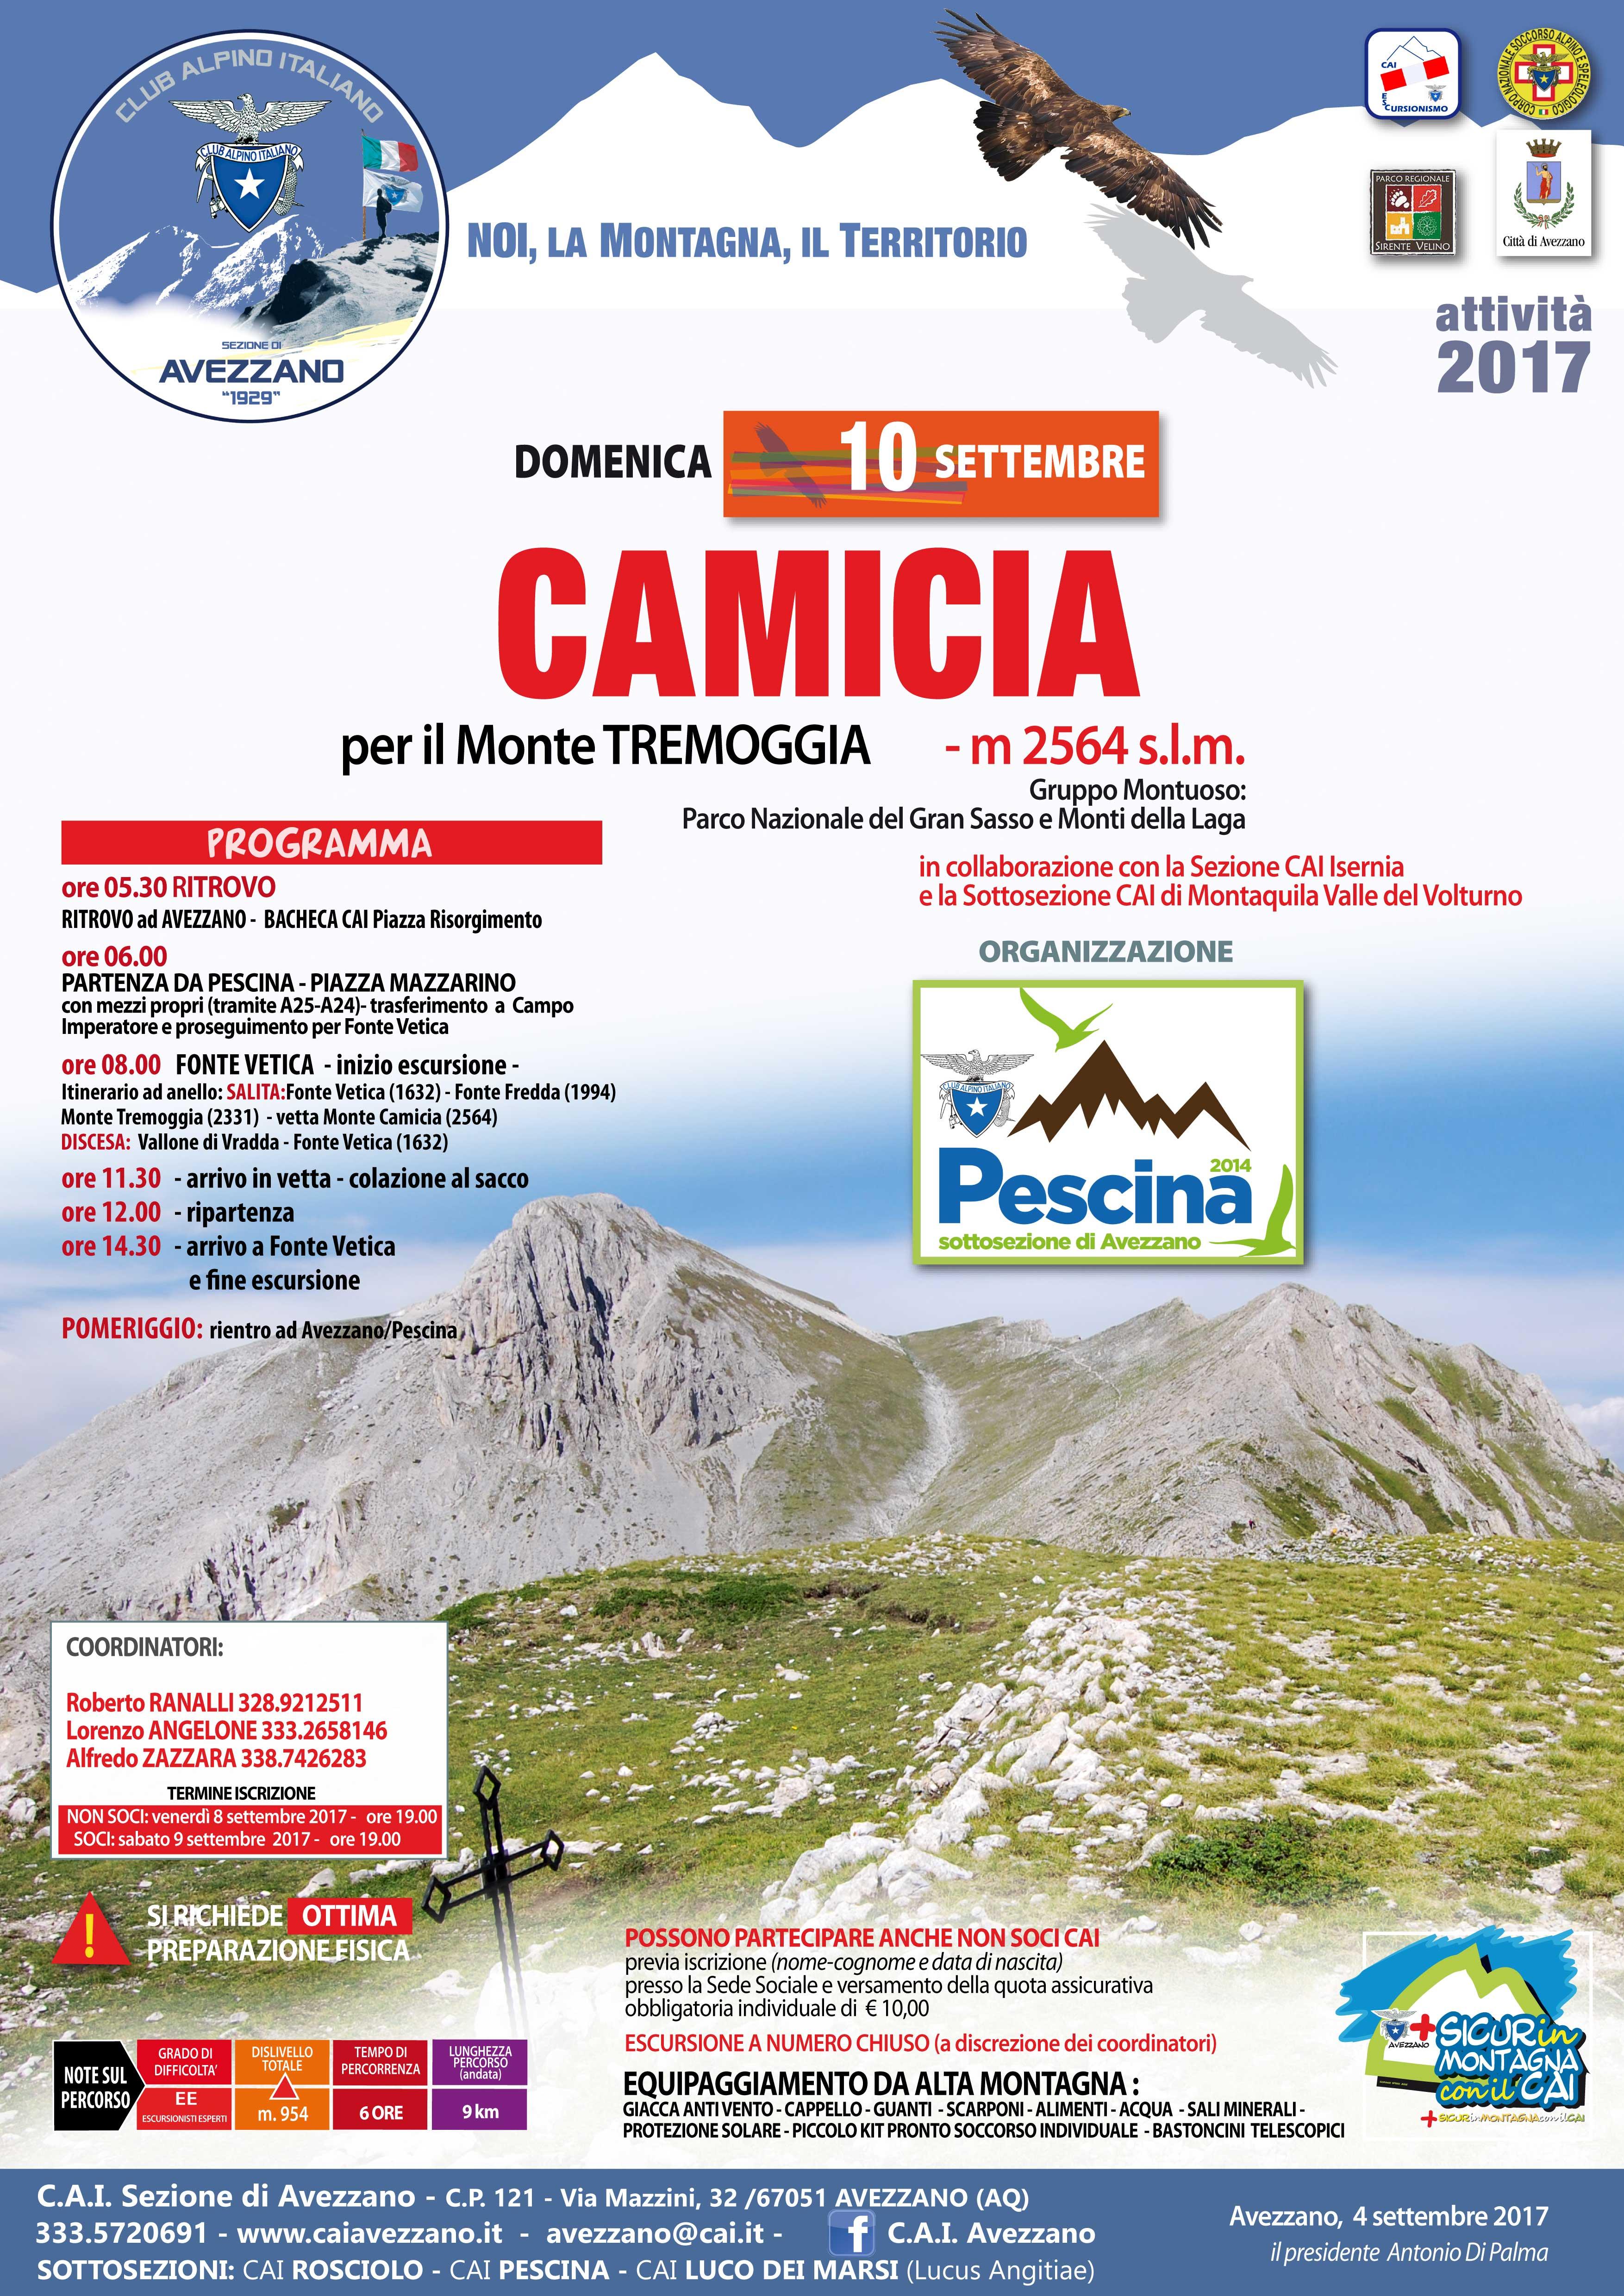 CAMICIA_-dal-Tremoggia-10-SET